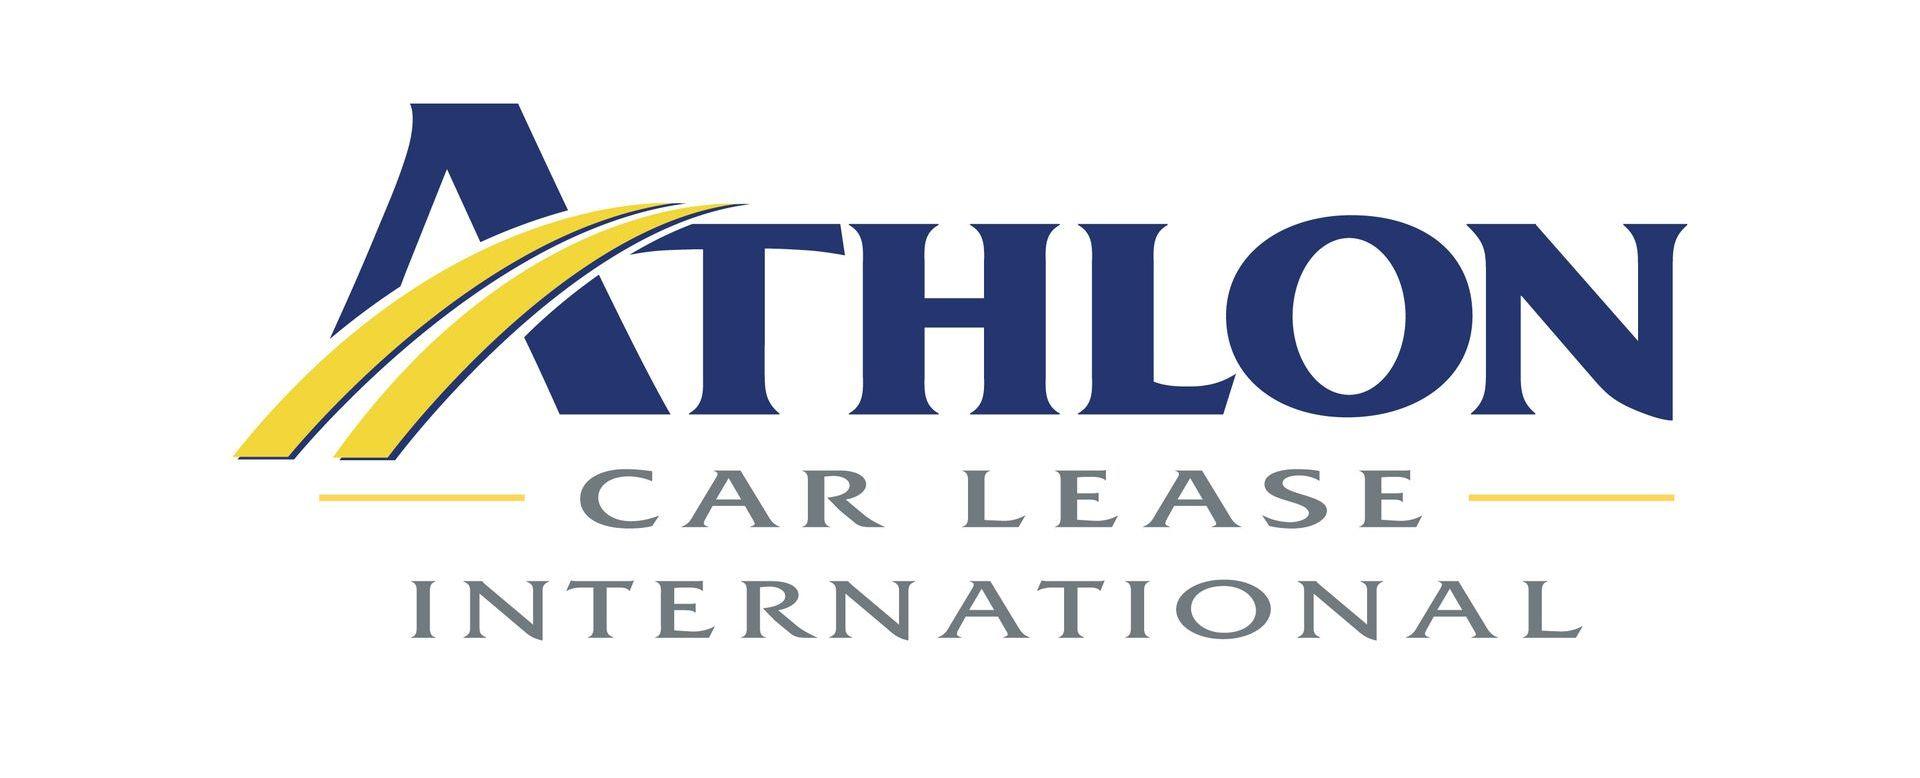 Firma Athlon Car Lease może zostać sprzedana - Menadżer Floty  Athlon